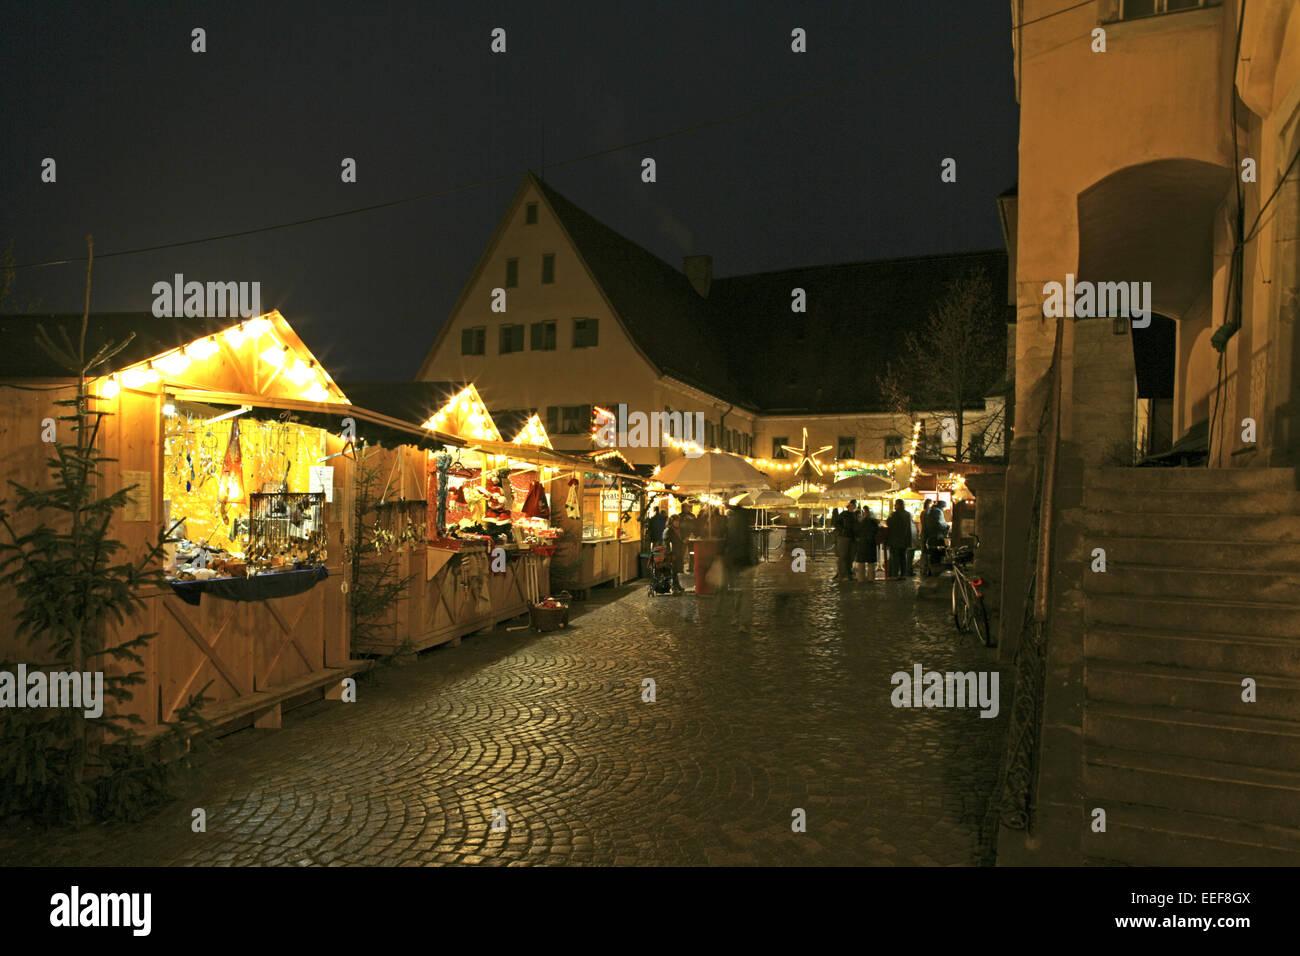 deutschland dinkelsb hl dinkelsb hl weihnachtsmarkt abend bayern adventszeit weihnachtszeit. Black Bedroom Furniture Sets. Home Design Ideas